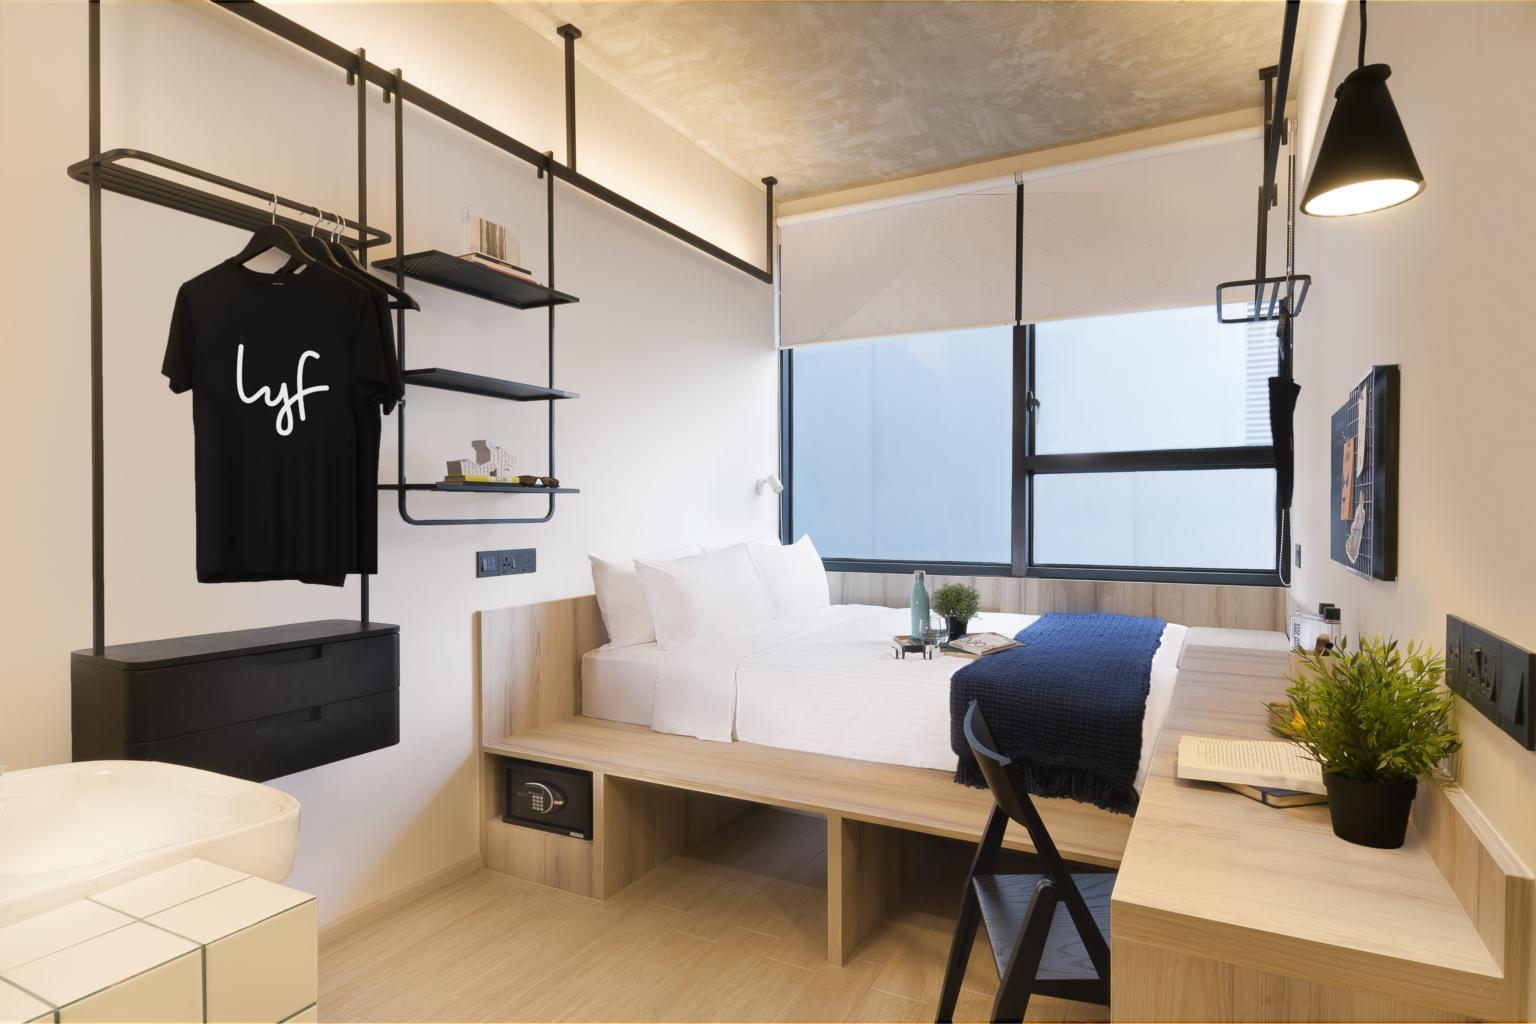 20200818-Ascott work residence.jpg